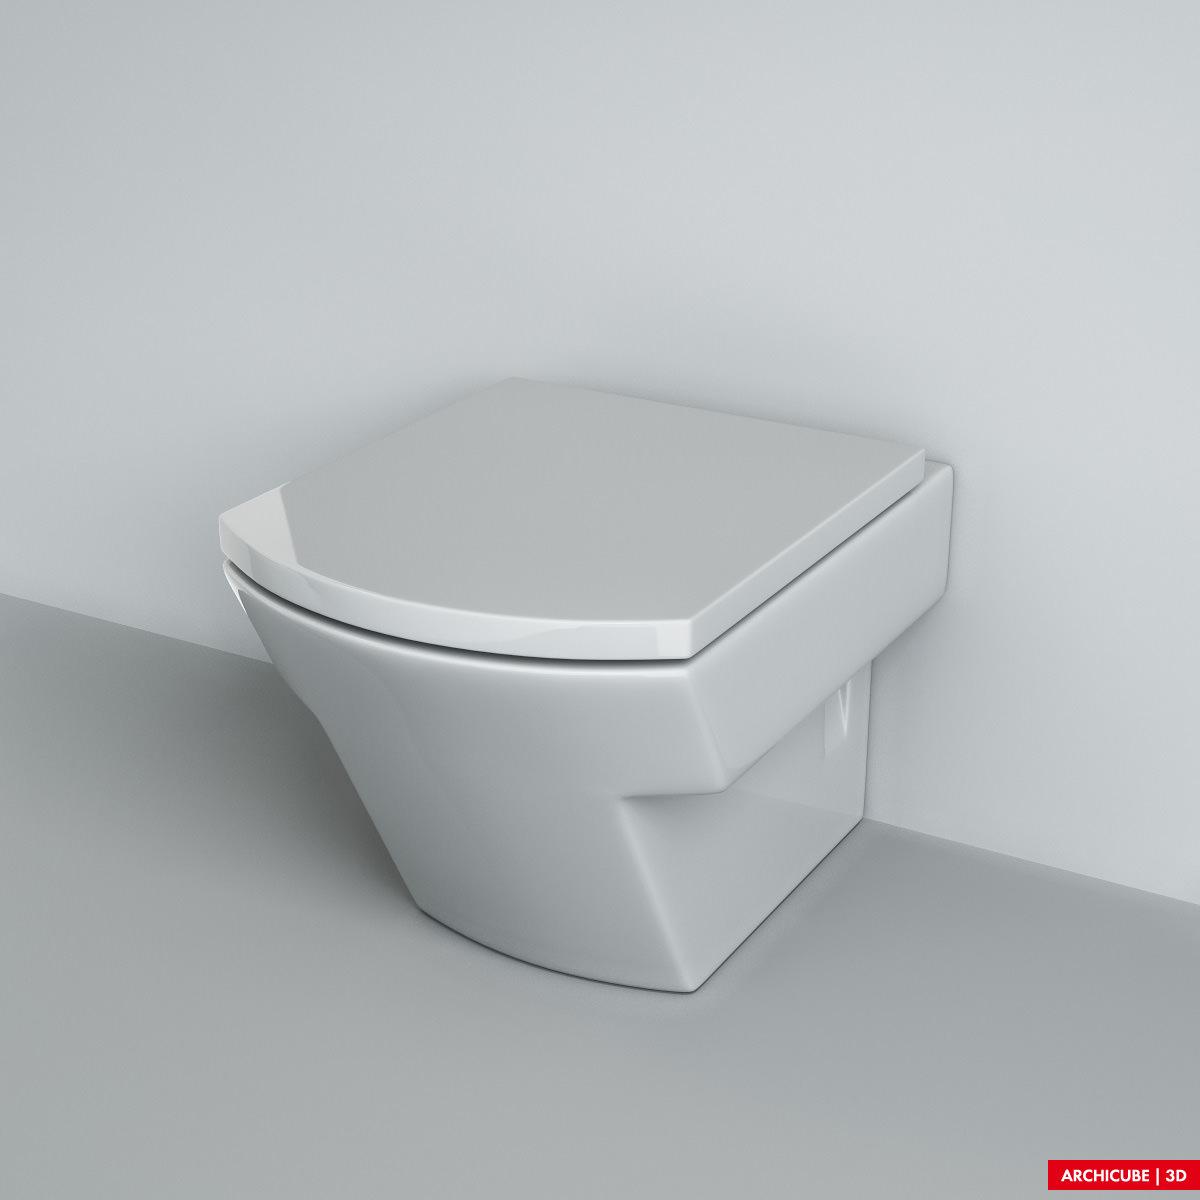 Wc toilet 3d model max obj fbx - Wc model ...